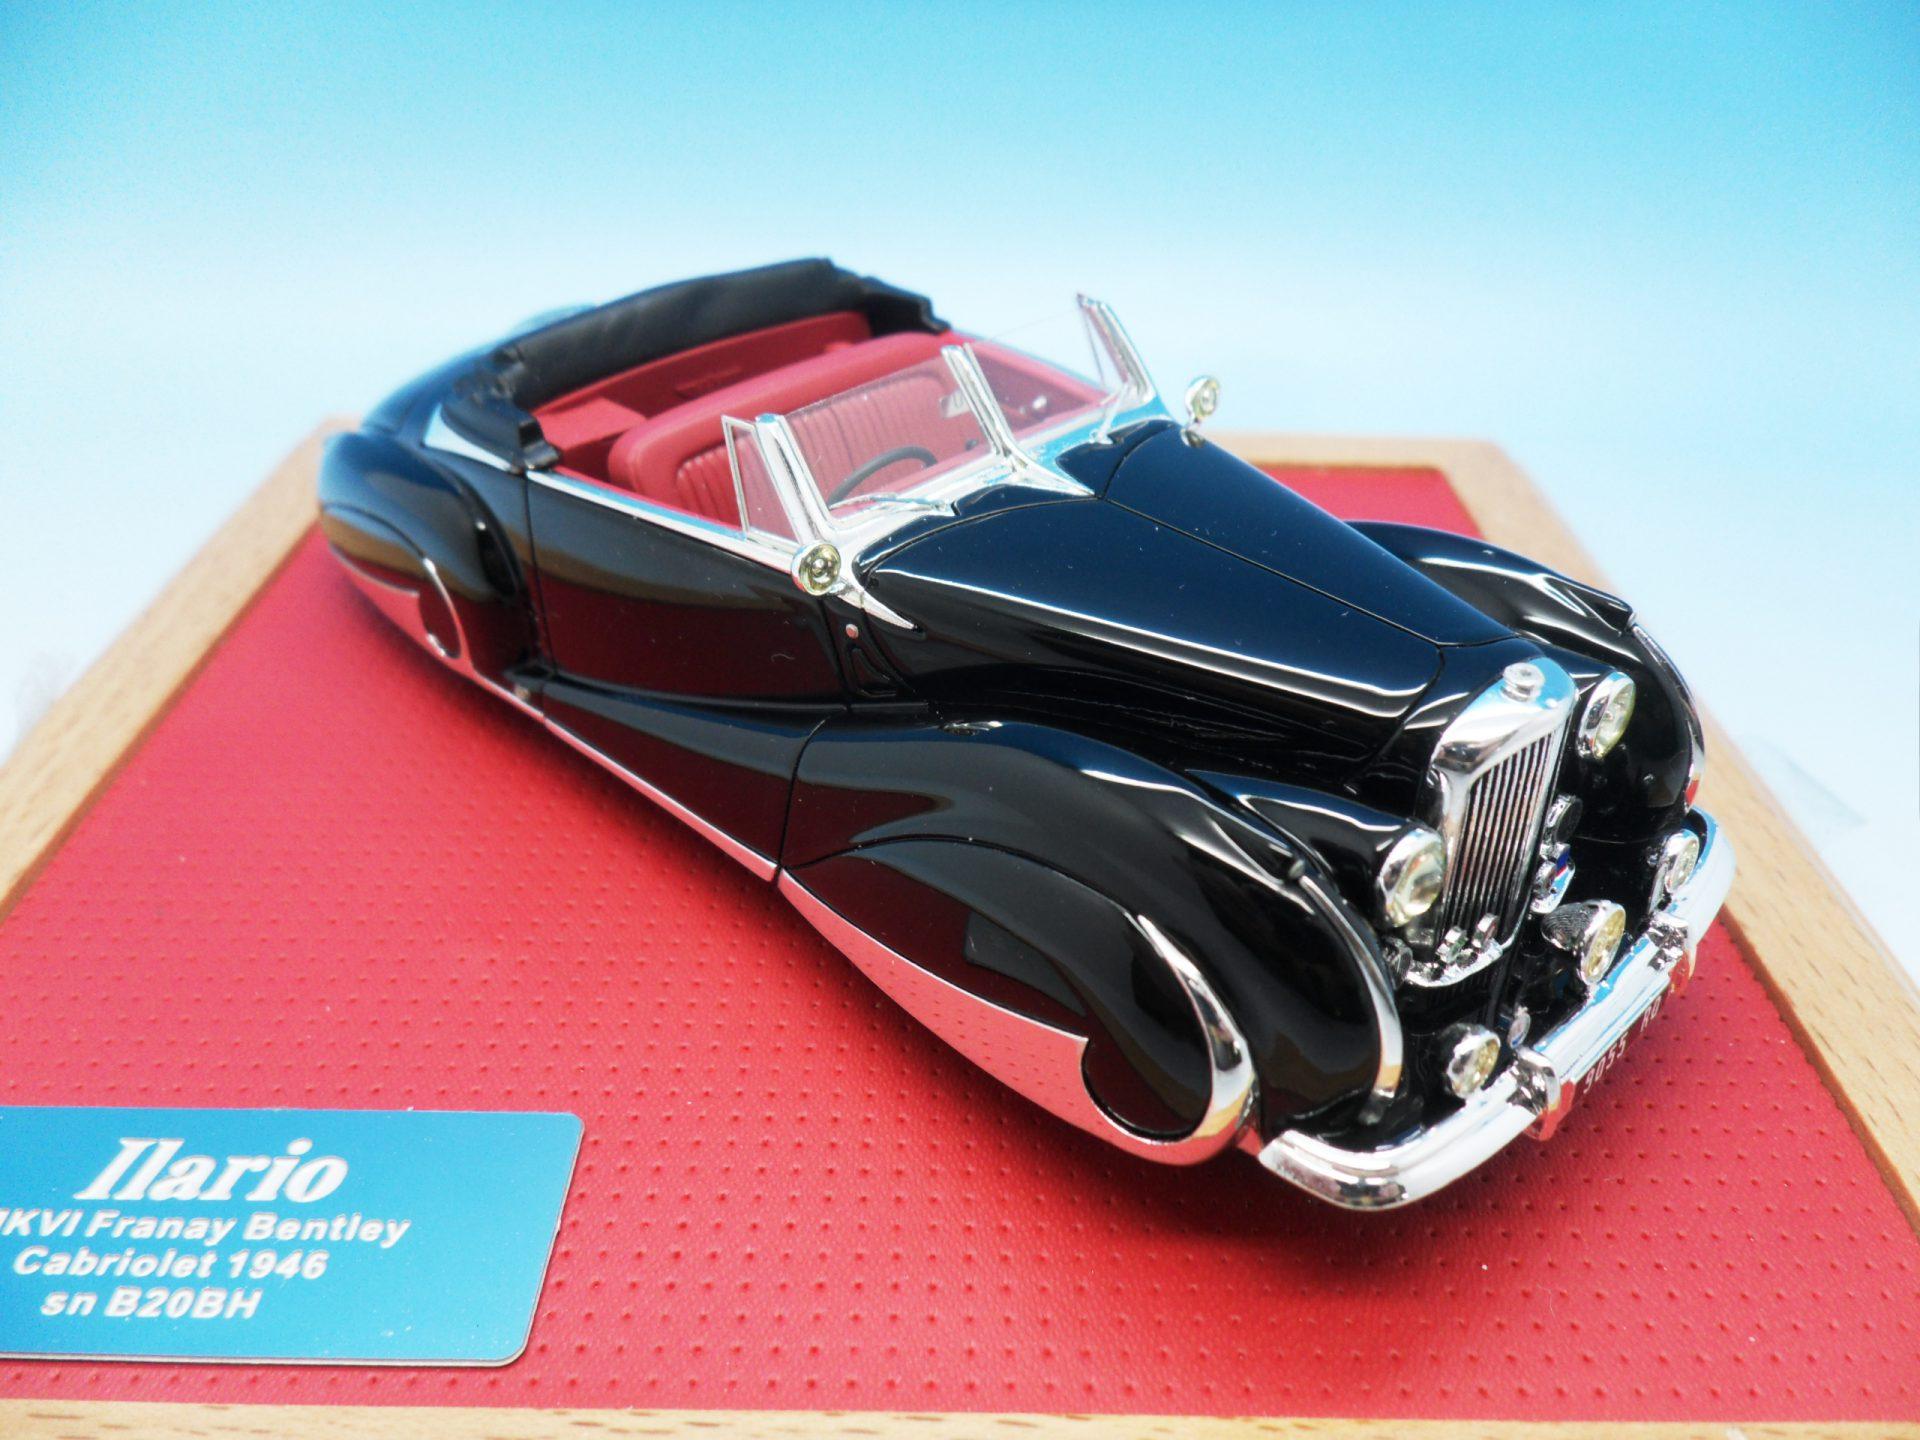 Ilario Franay Bentley Cabriolet 1946